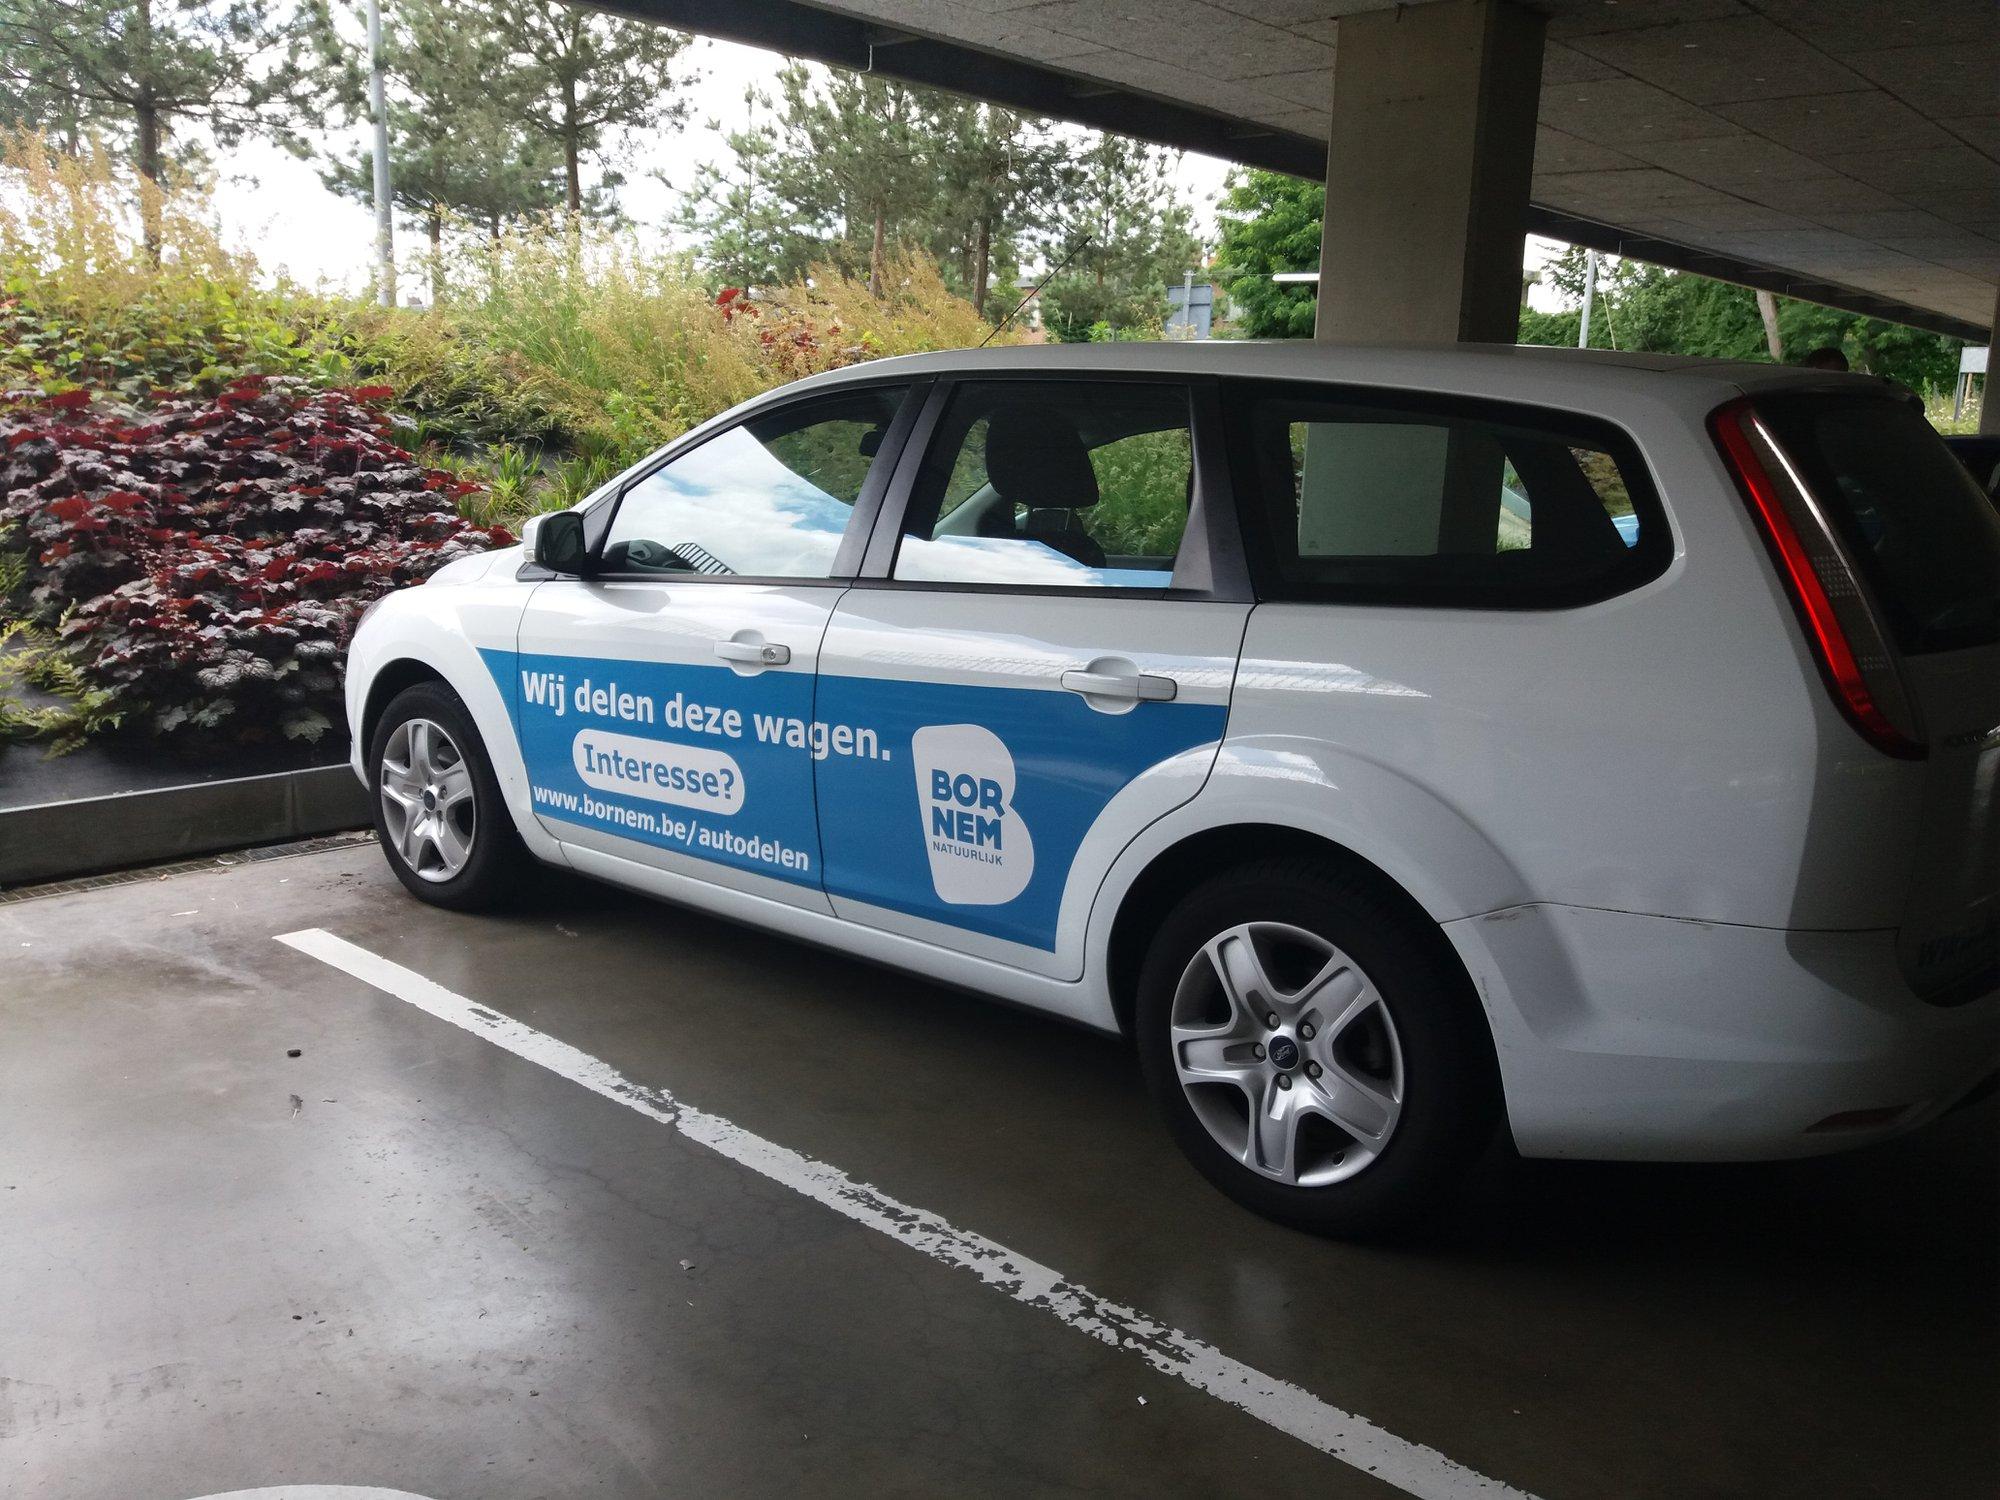 Autodelen heeft potentieel in regio Rivierenland